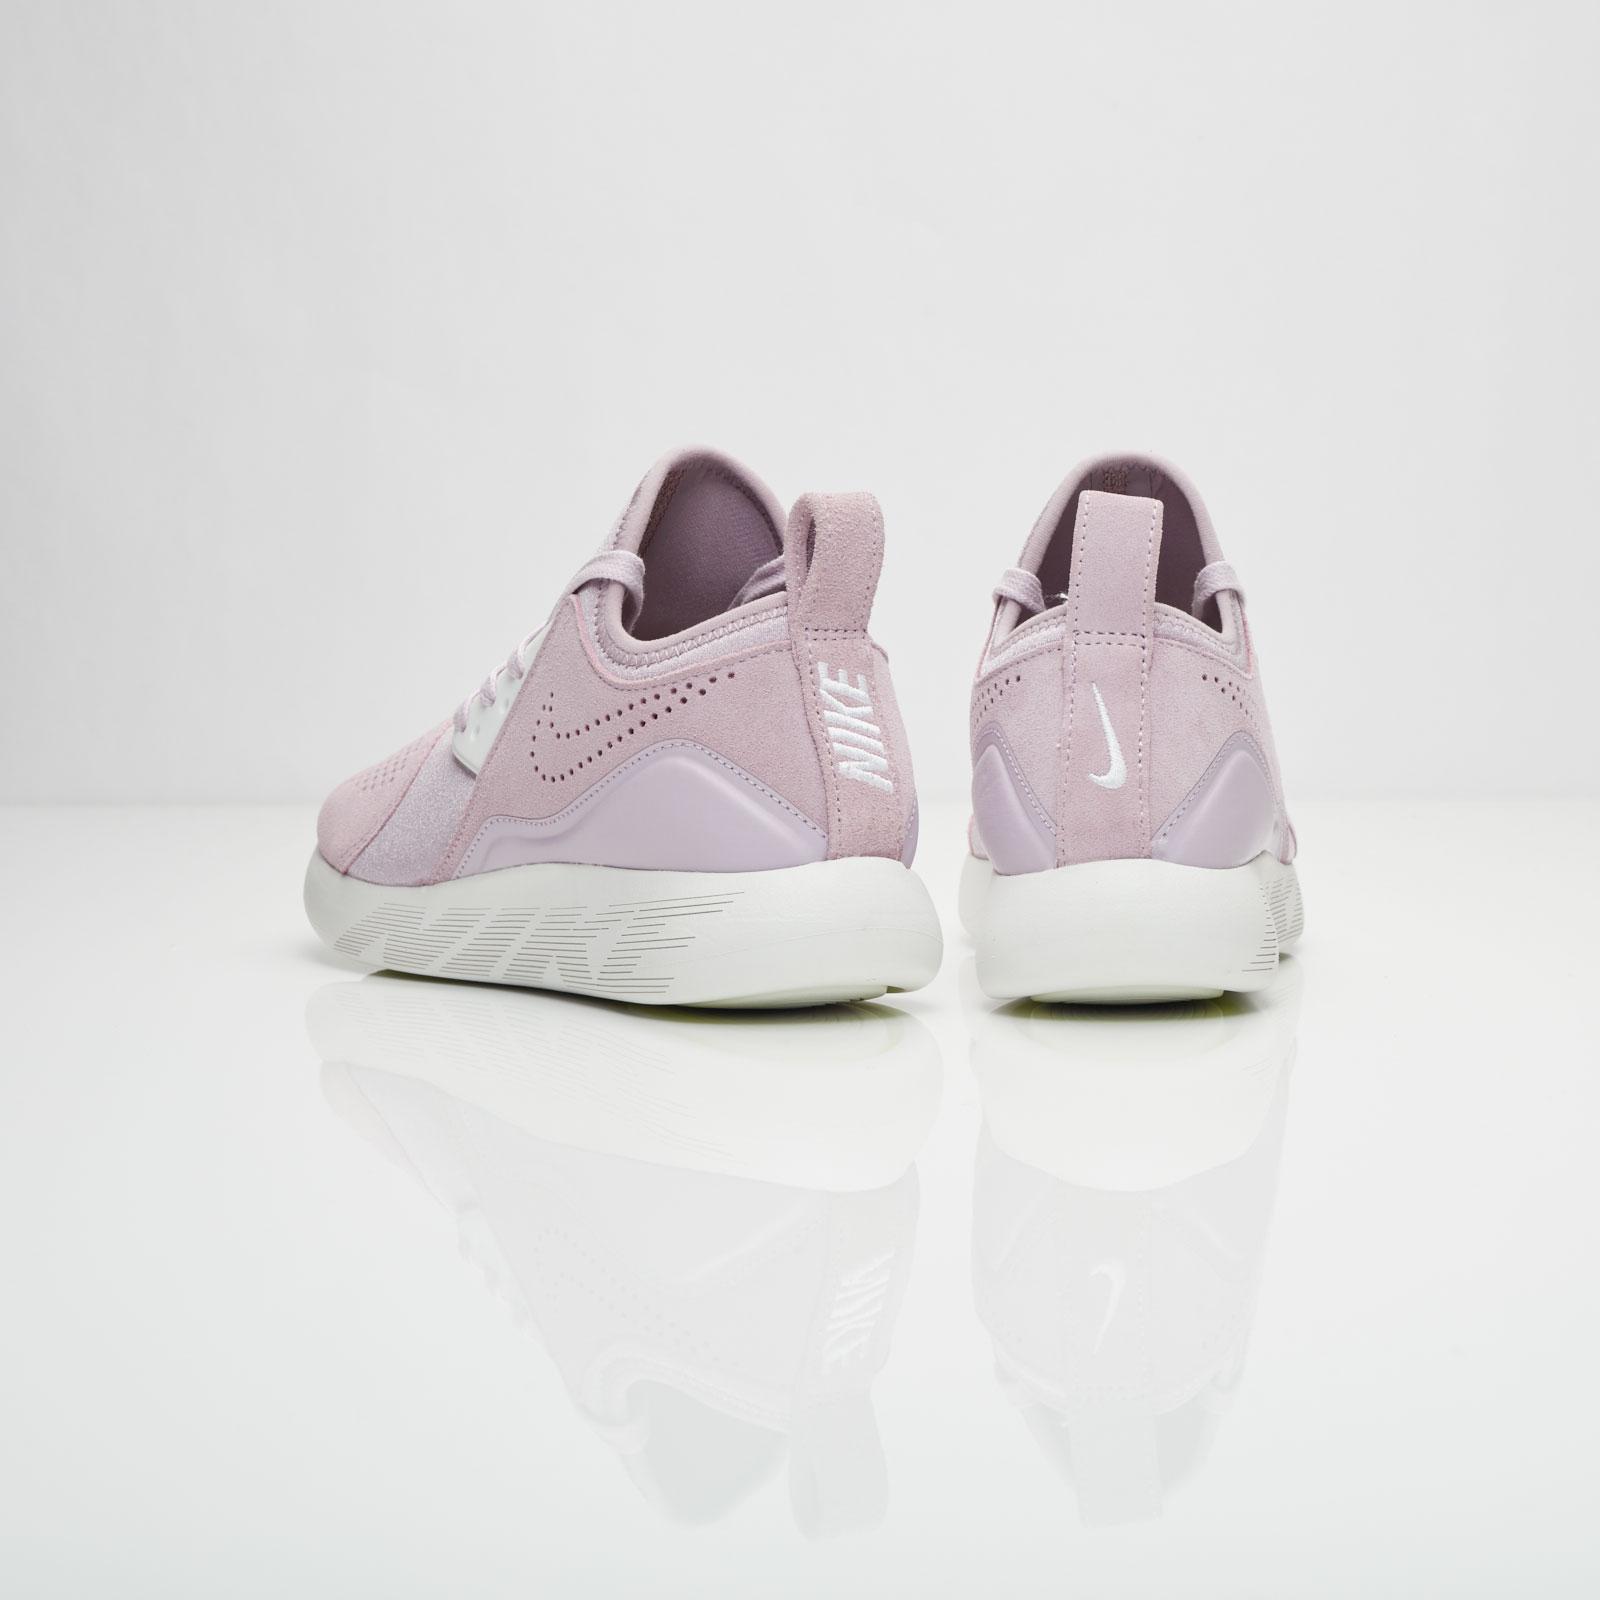 8da235802b71 Nike Wmns Lunarcharge Premium LE - 923286-500 - Sneakersnstuff ...